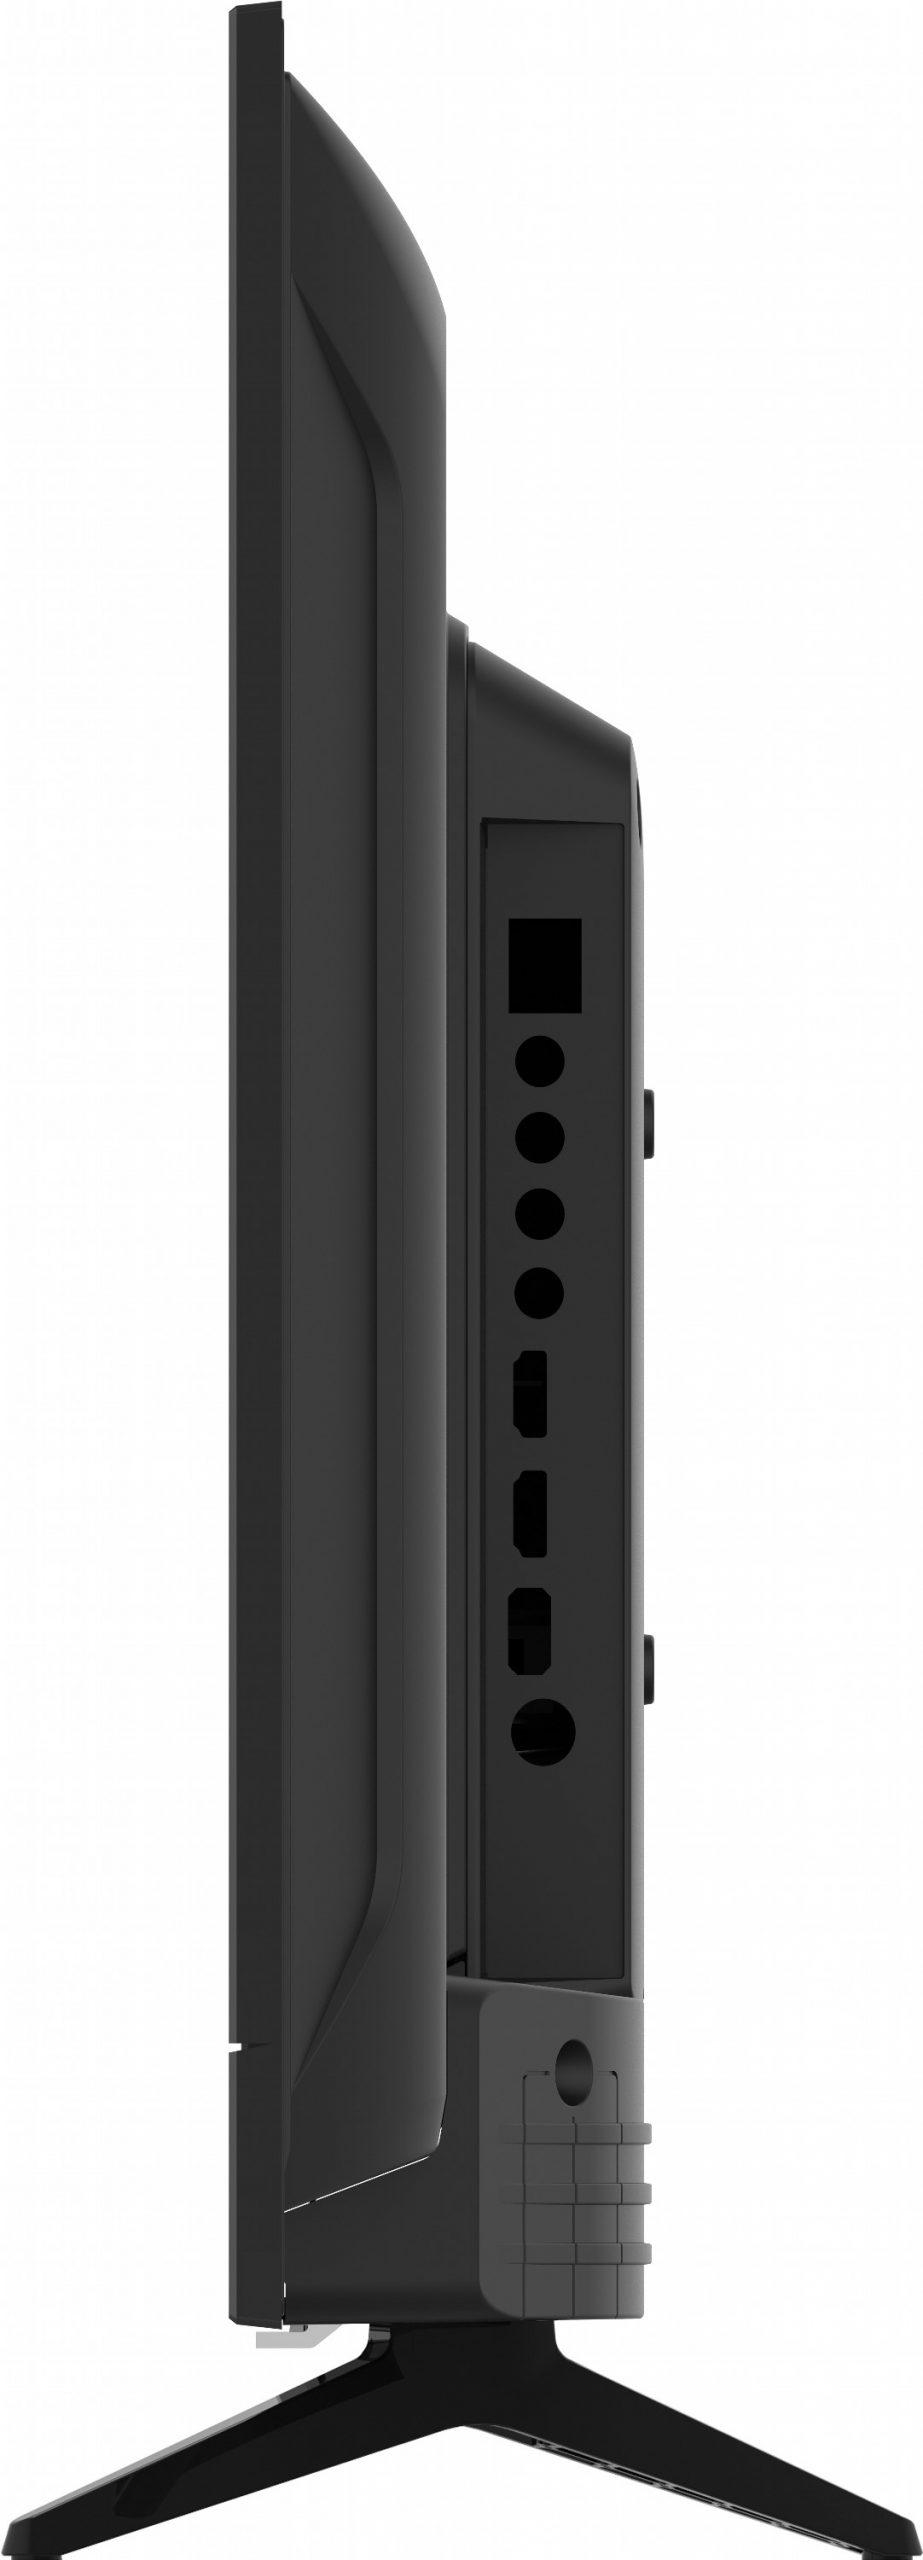 Televizor Panasonic LED TX-32HSR400  - 3